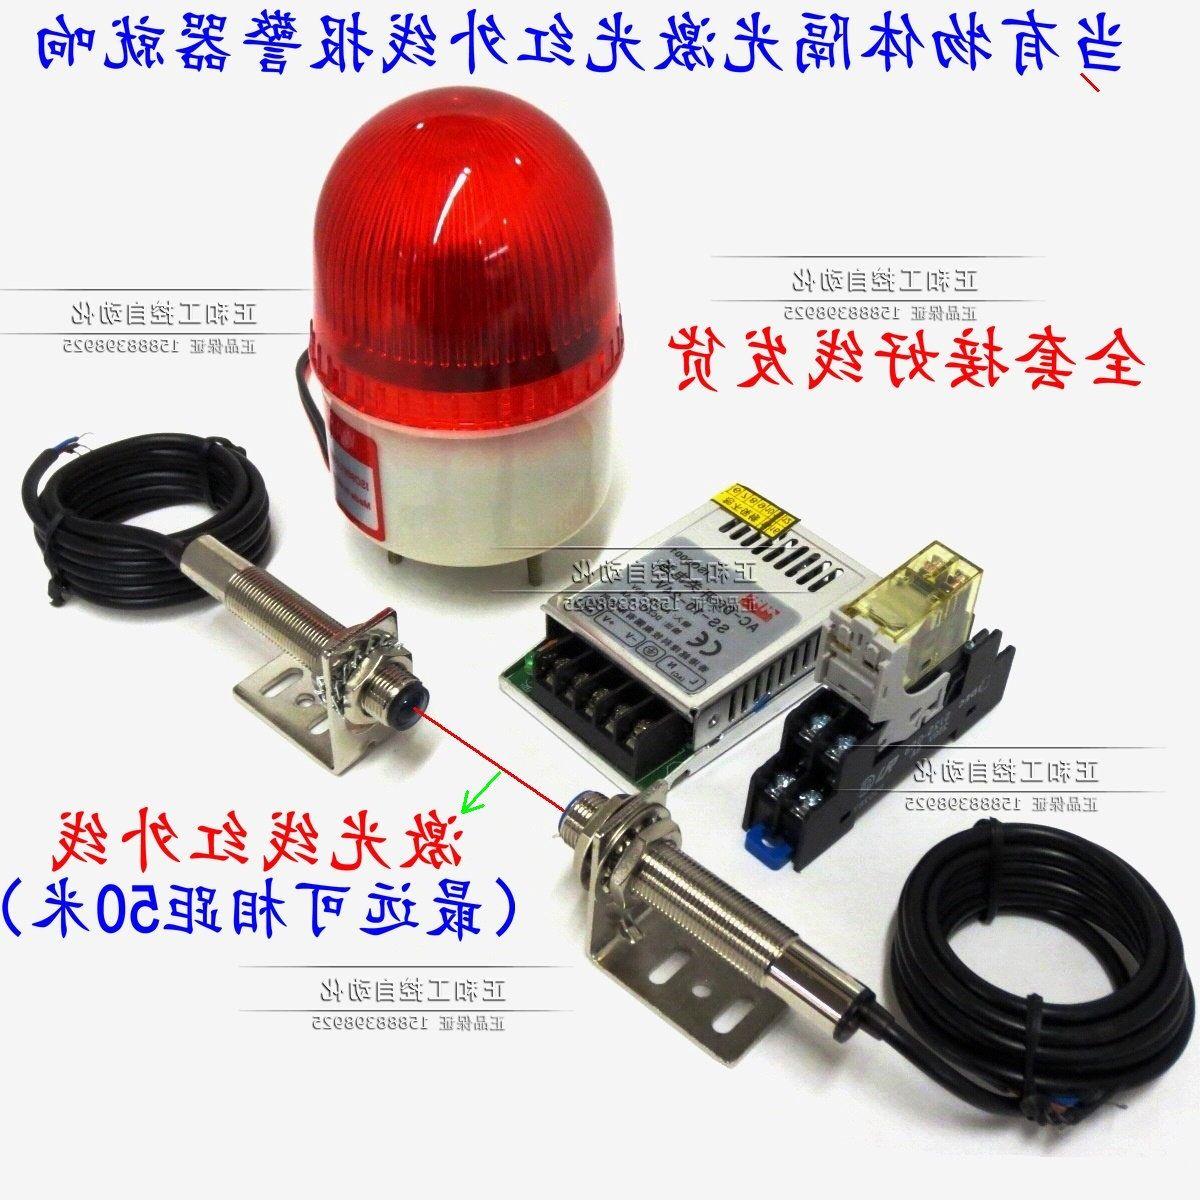 إنذار ضد السرقة، ليزر الأشعة تحت الحمراء الاستشعار التبديل على خط النار الليزر الاستشعار